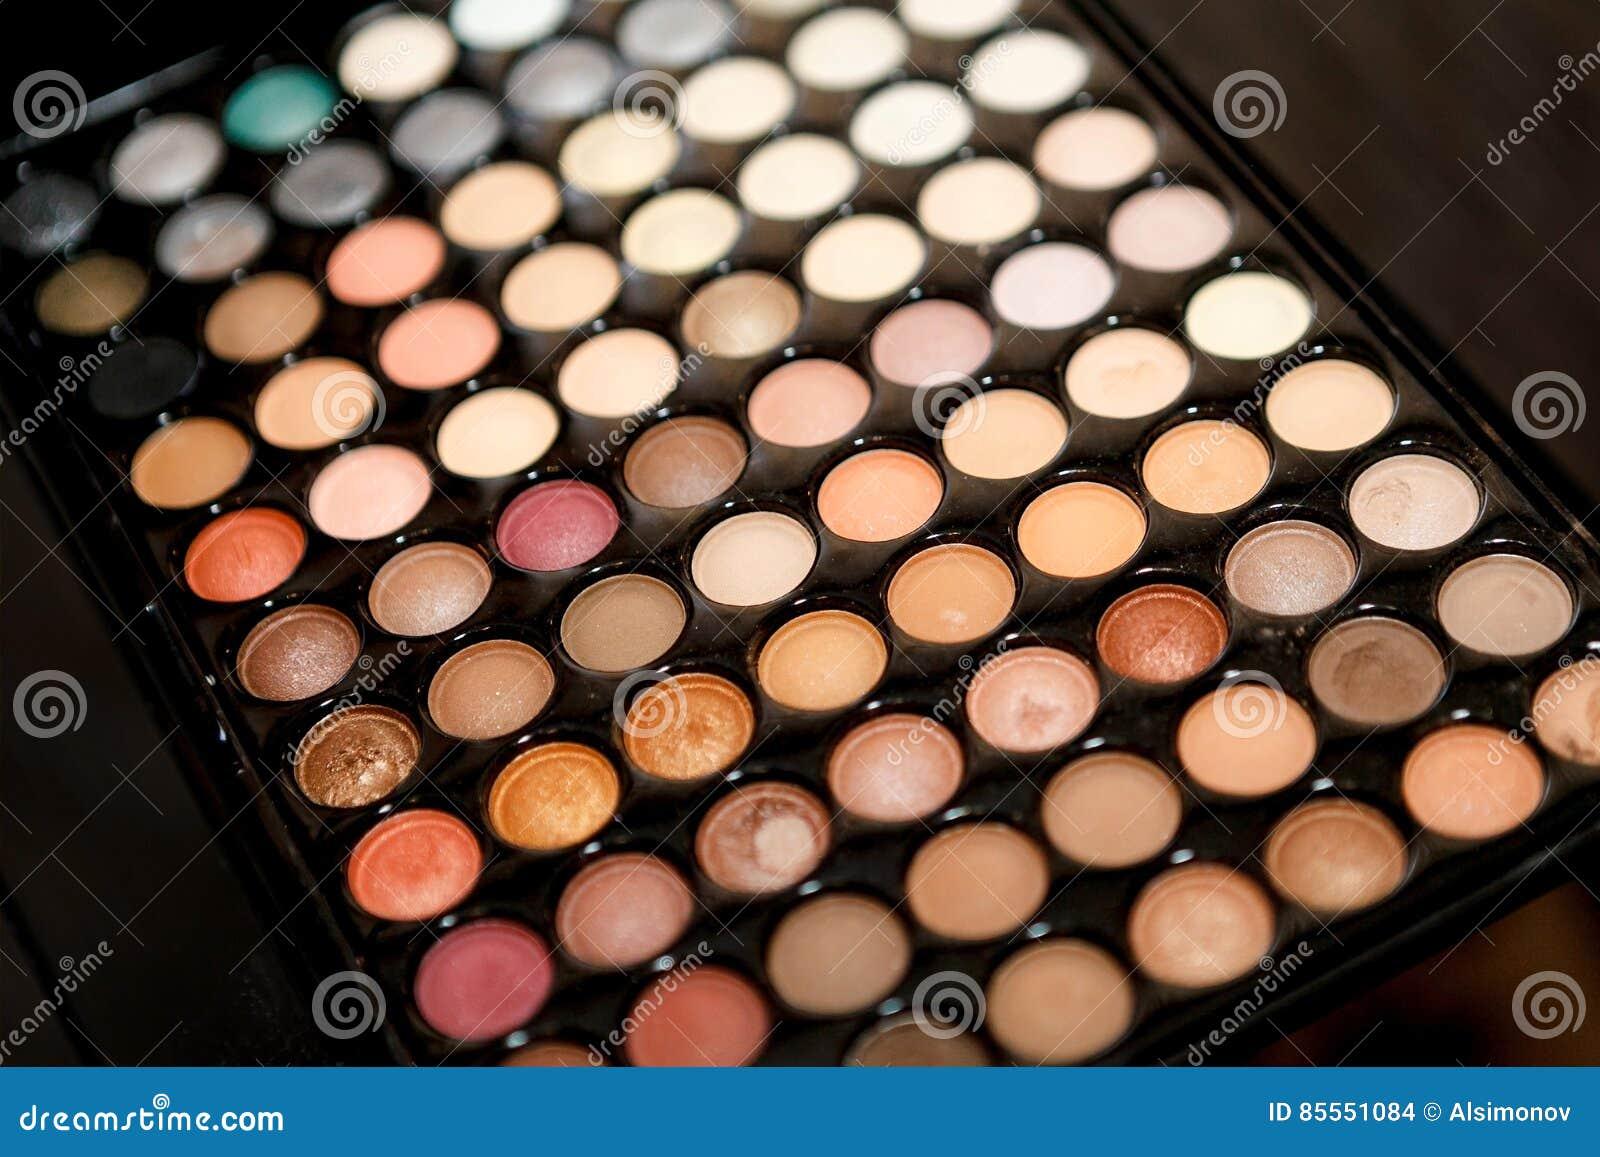 Farbige Make-uppalettennahaufnahme